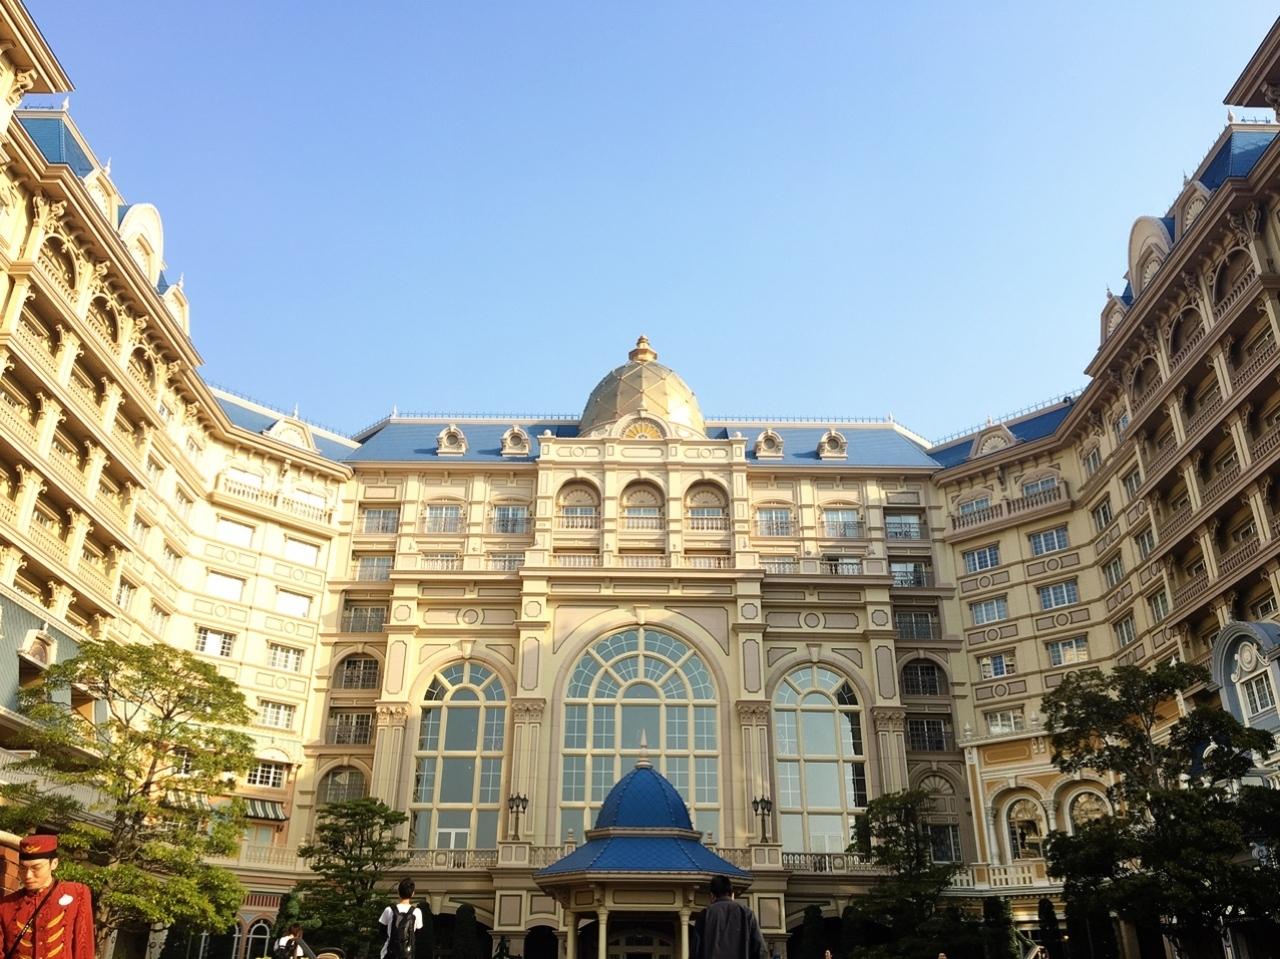 東京ディズニーランド周辺ホテル大特集!お得に泊まれるホテルを探そう!